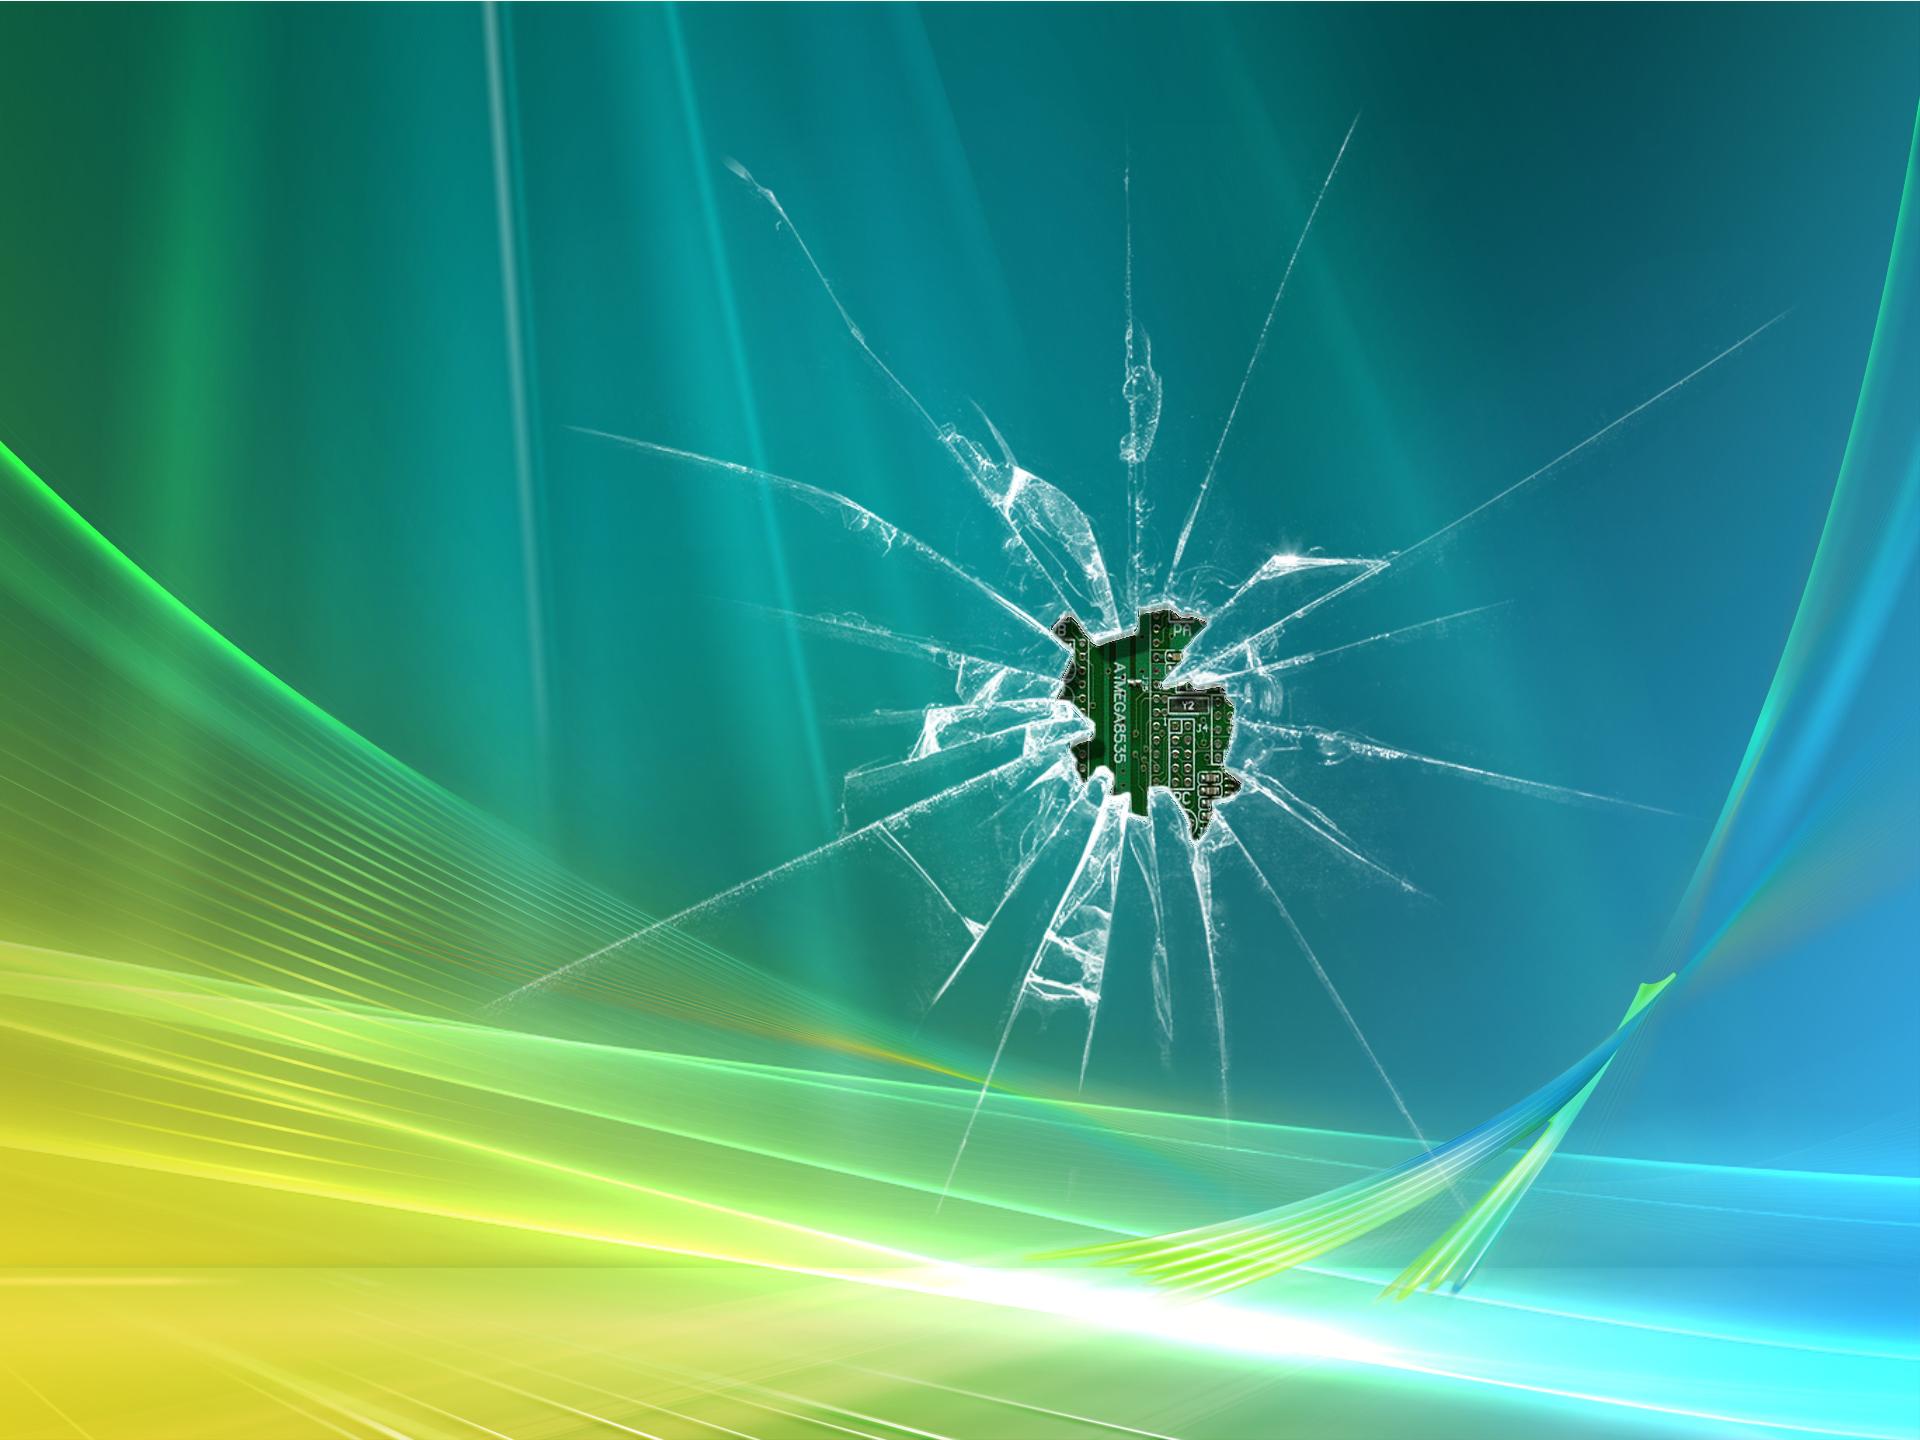 Broken screen 1920x1440